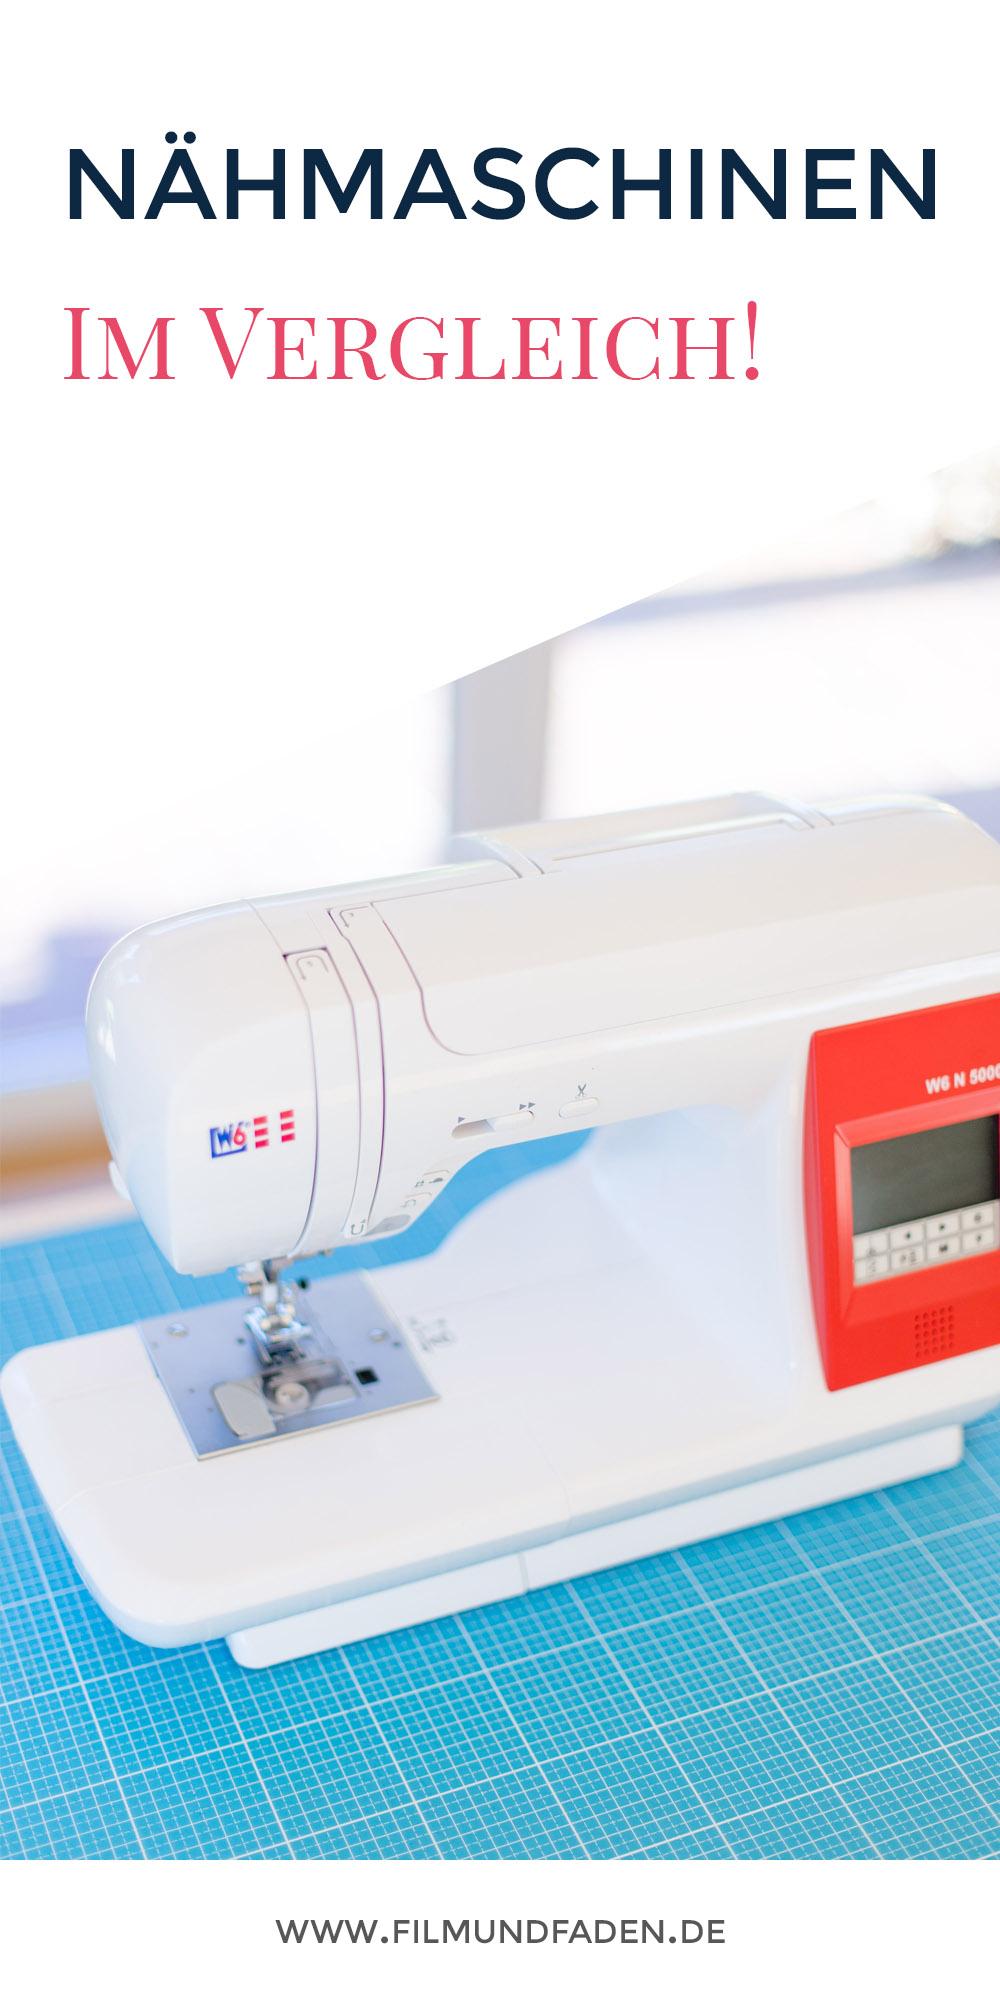 Wir haben 4 Nähmaschinen aufgrund ihrer Eigenschaften unter die Lupe genommen und für euch verglichen!